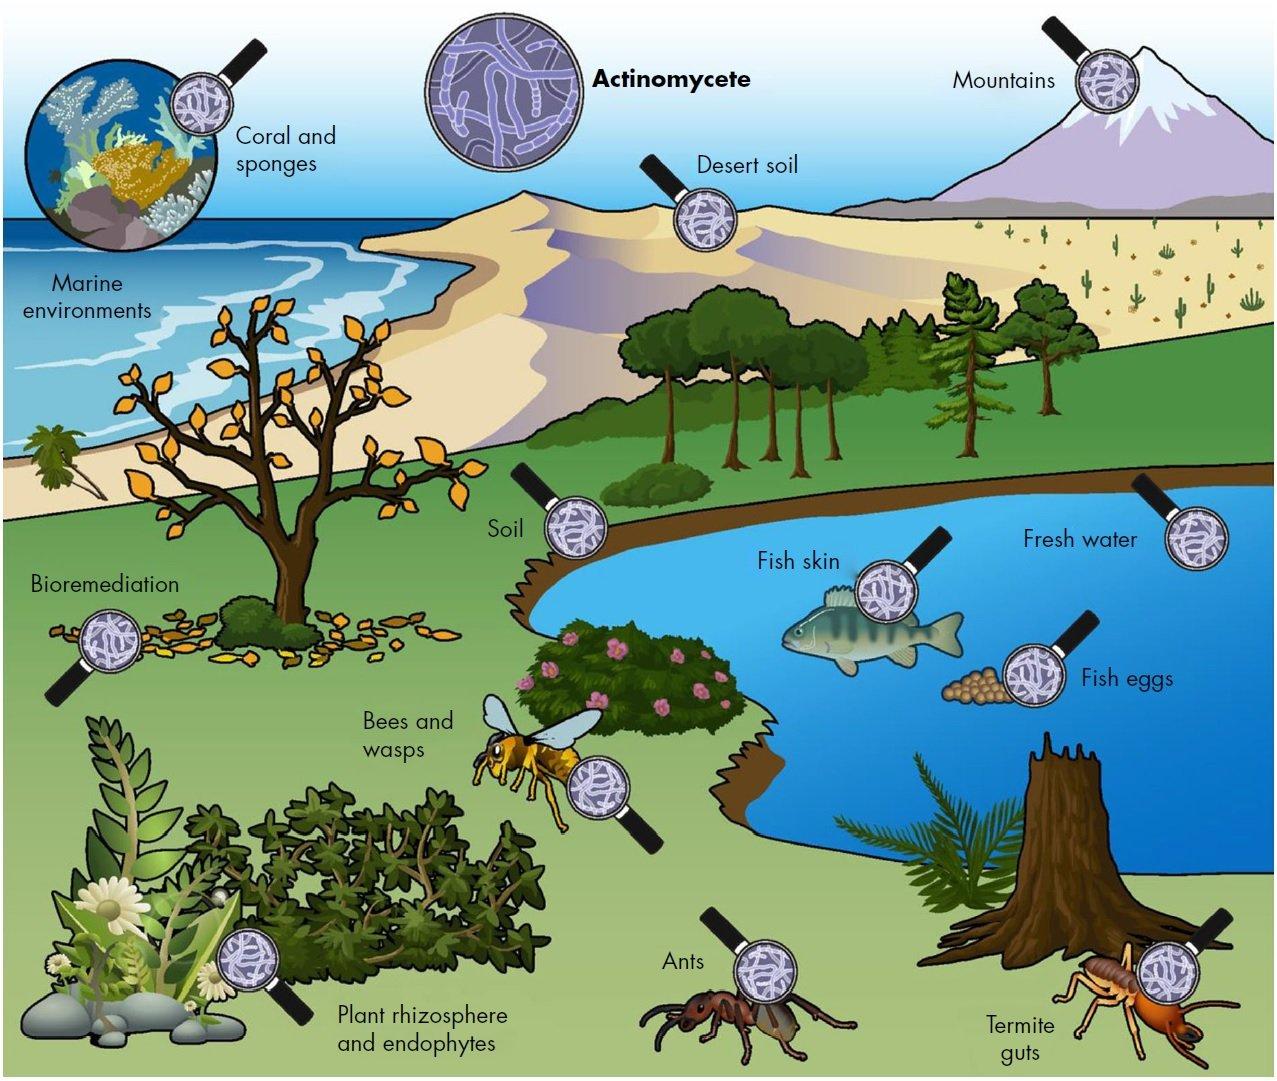 Actinomycete ecology